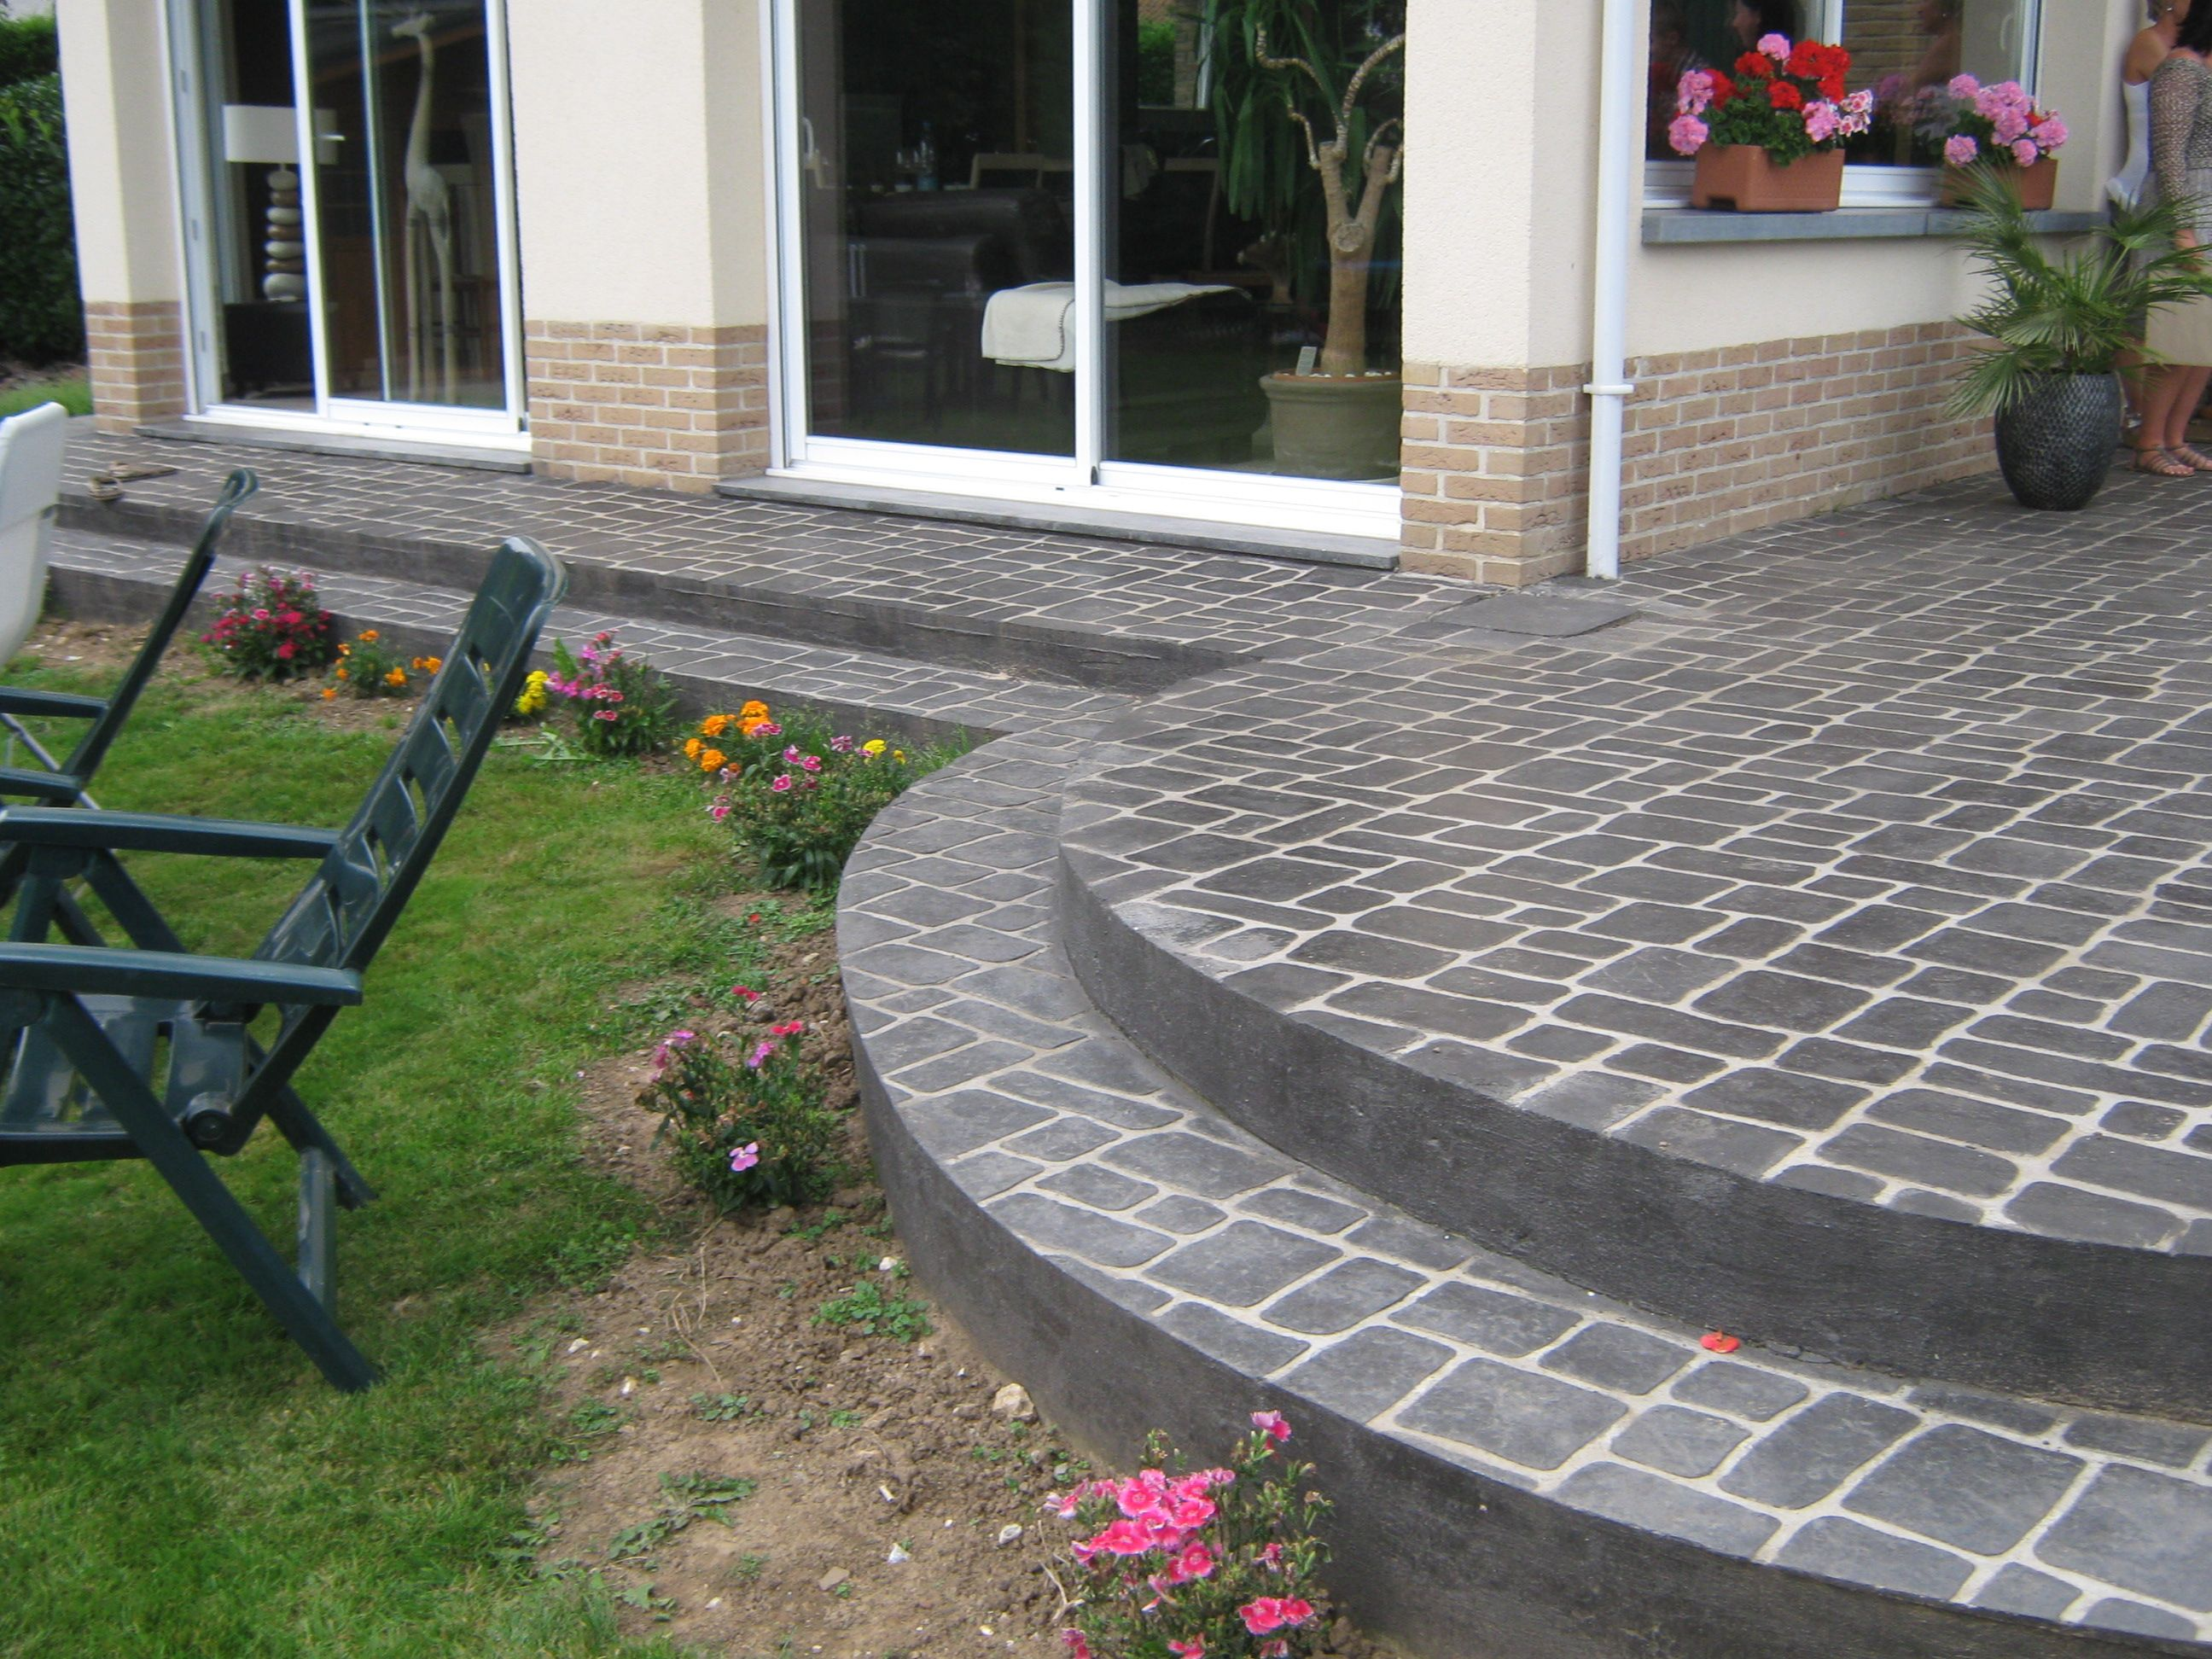 une terrasse a la forme originale en beton imprime articimo motif vieux paris couleur ardoise